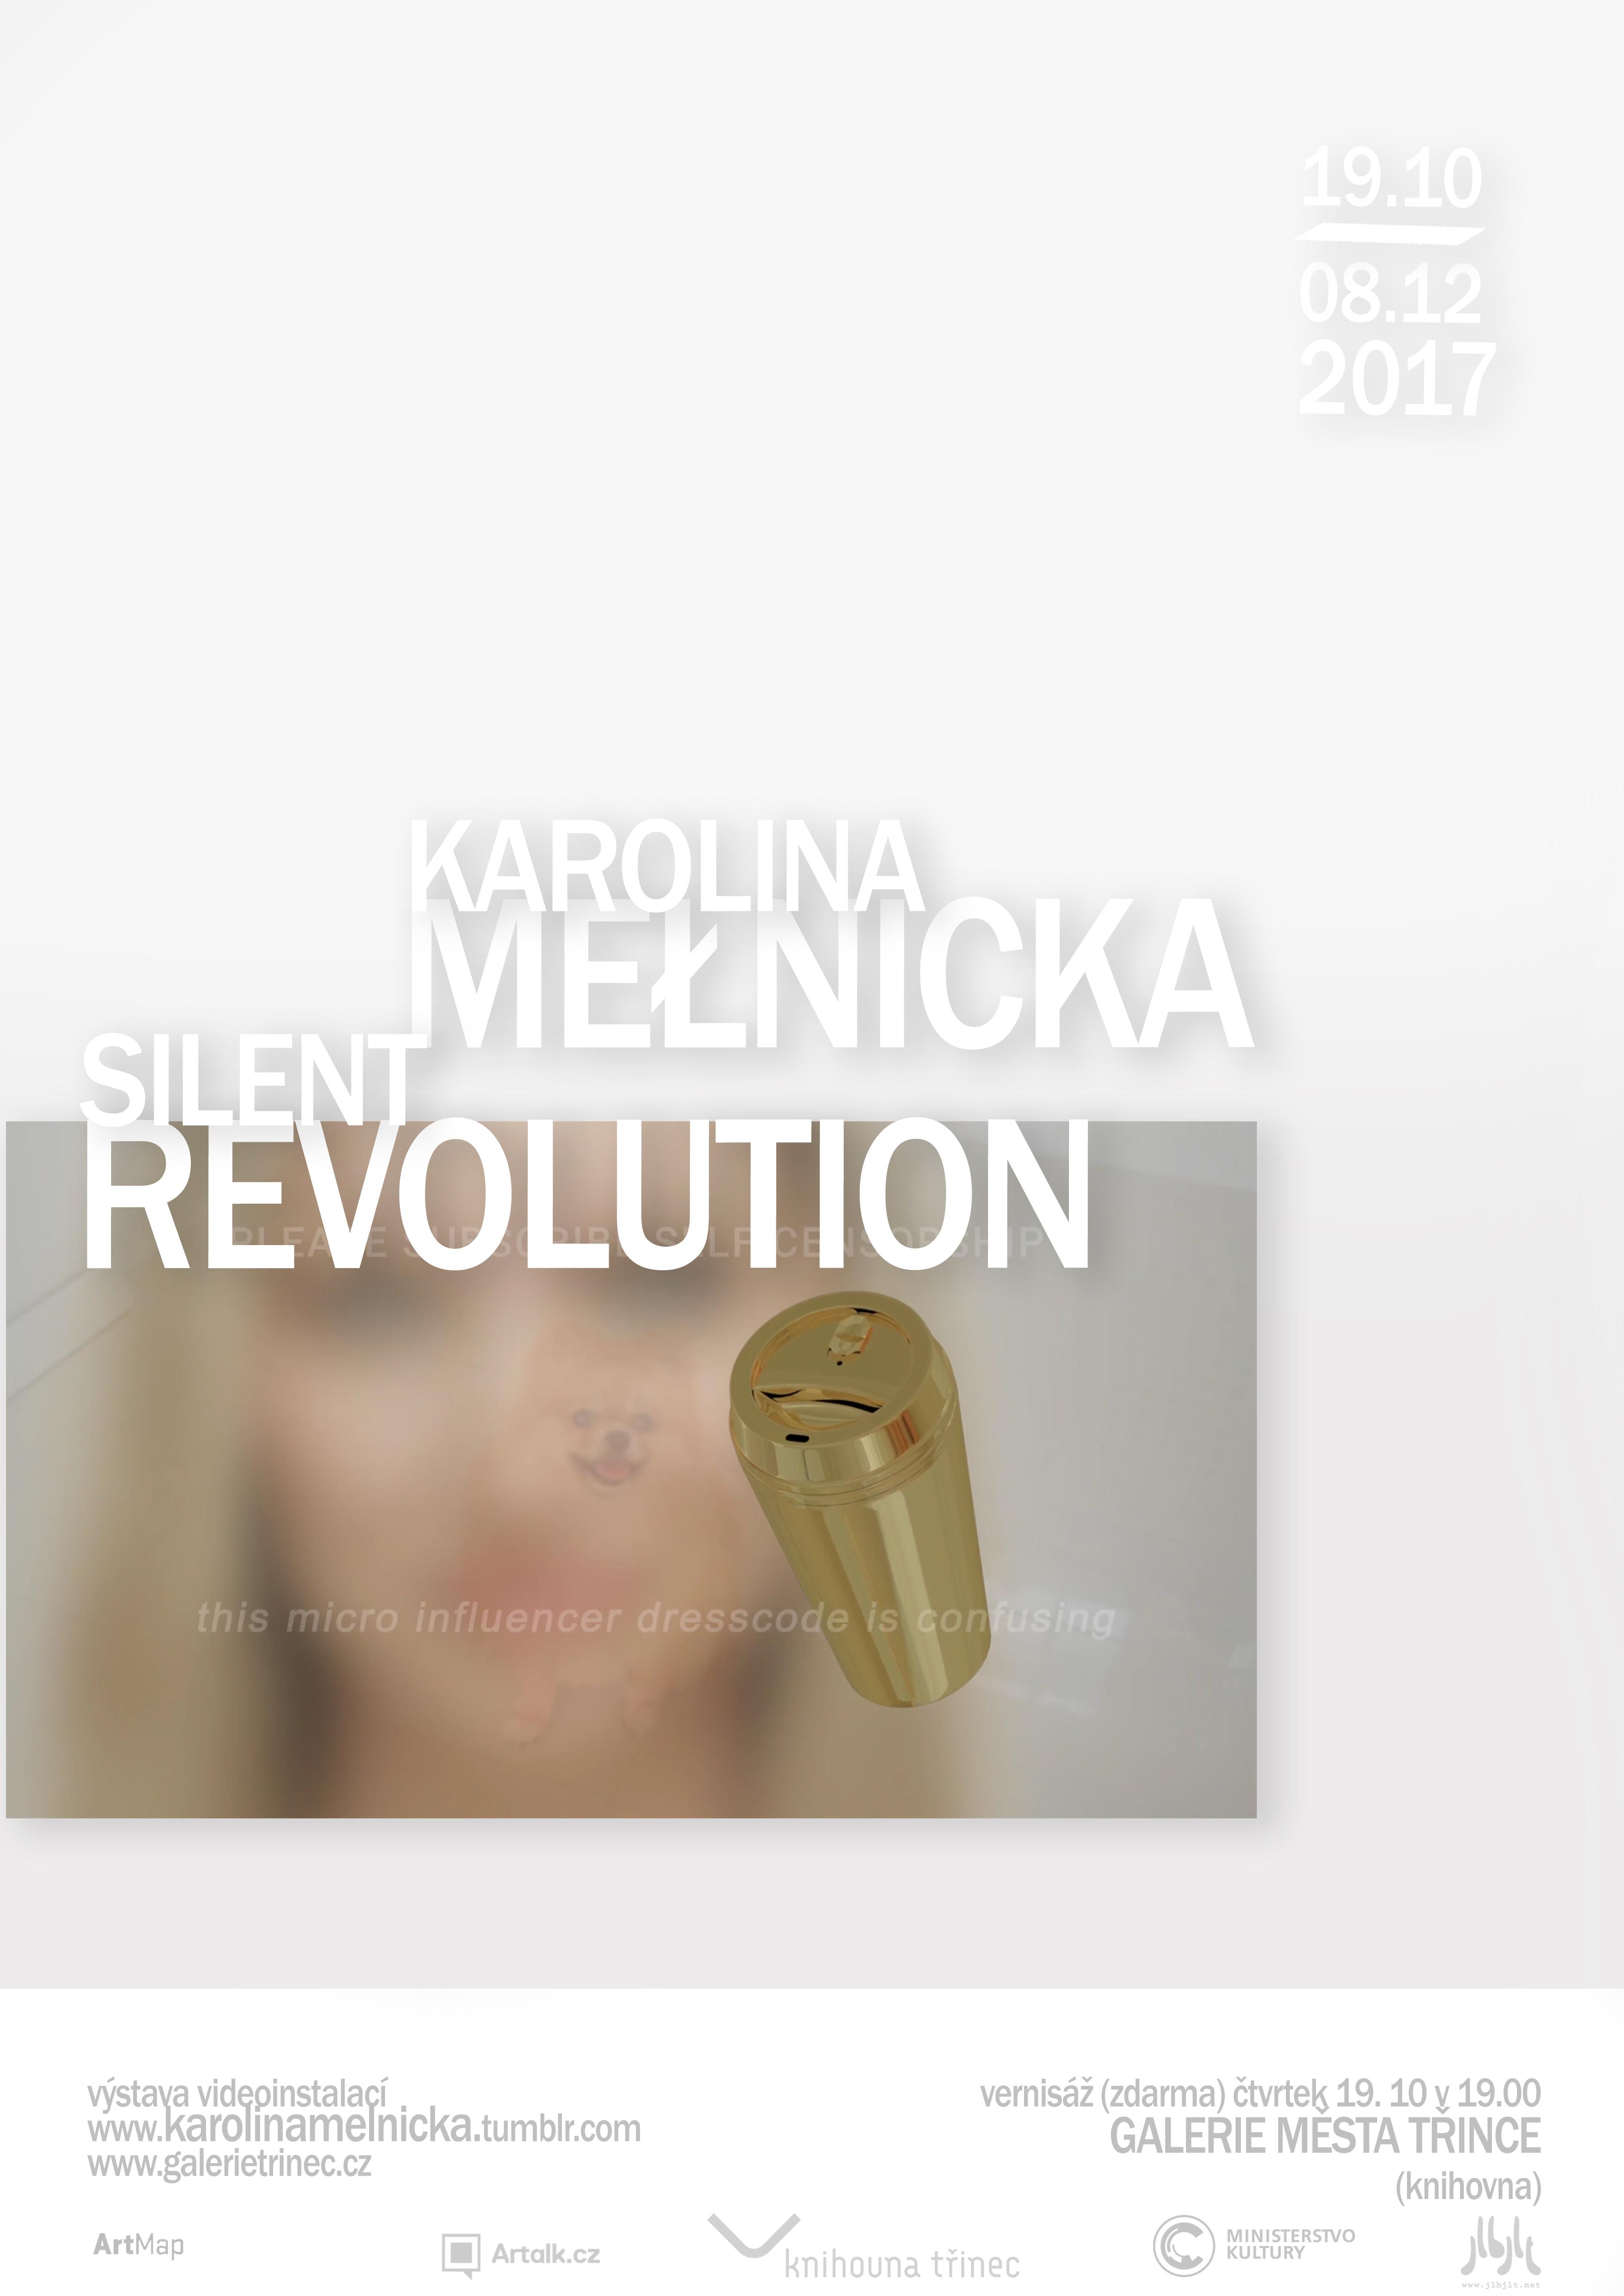 Karolina Mełnicka: Silent Revolution